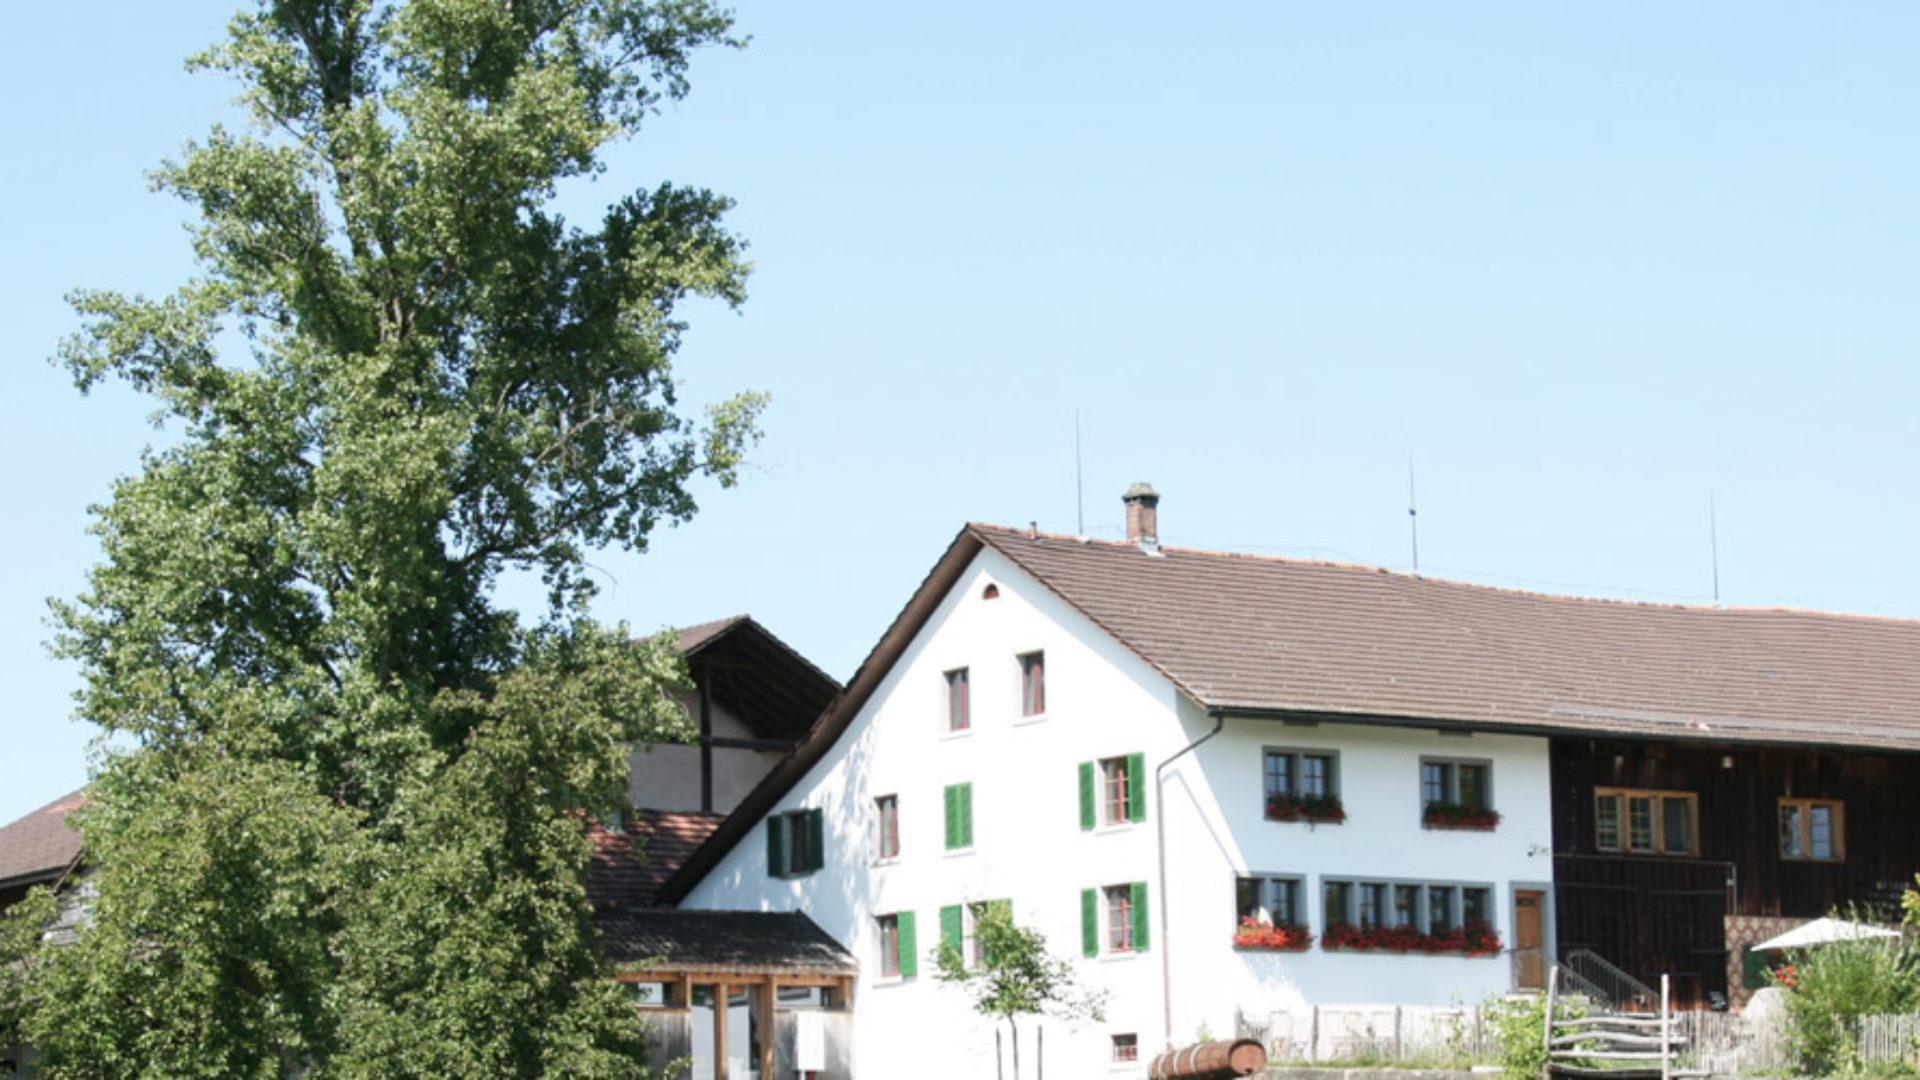 Juckerhof Alte Pappel